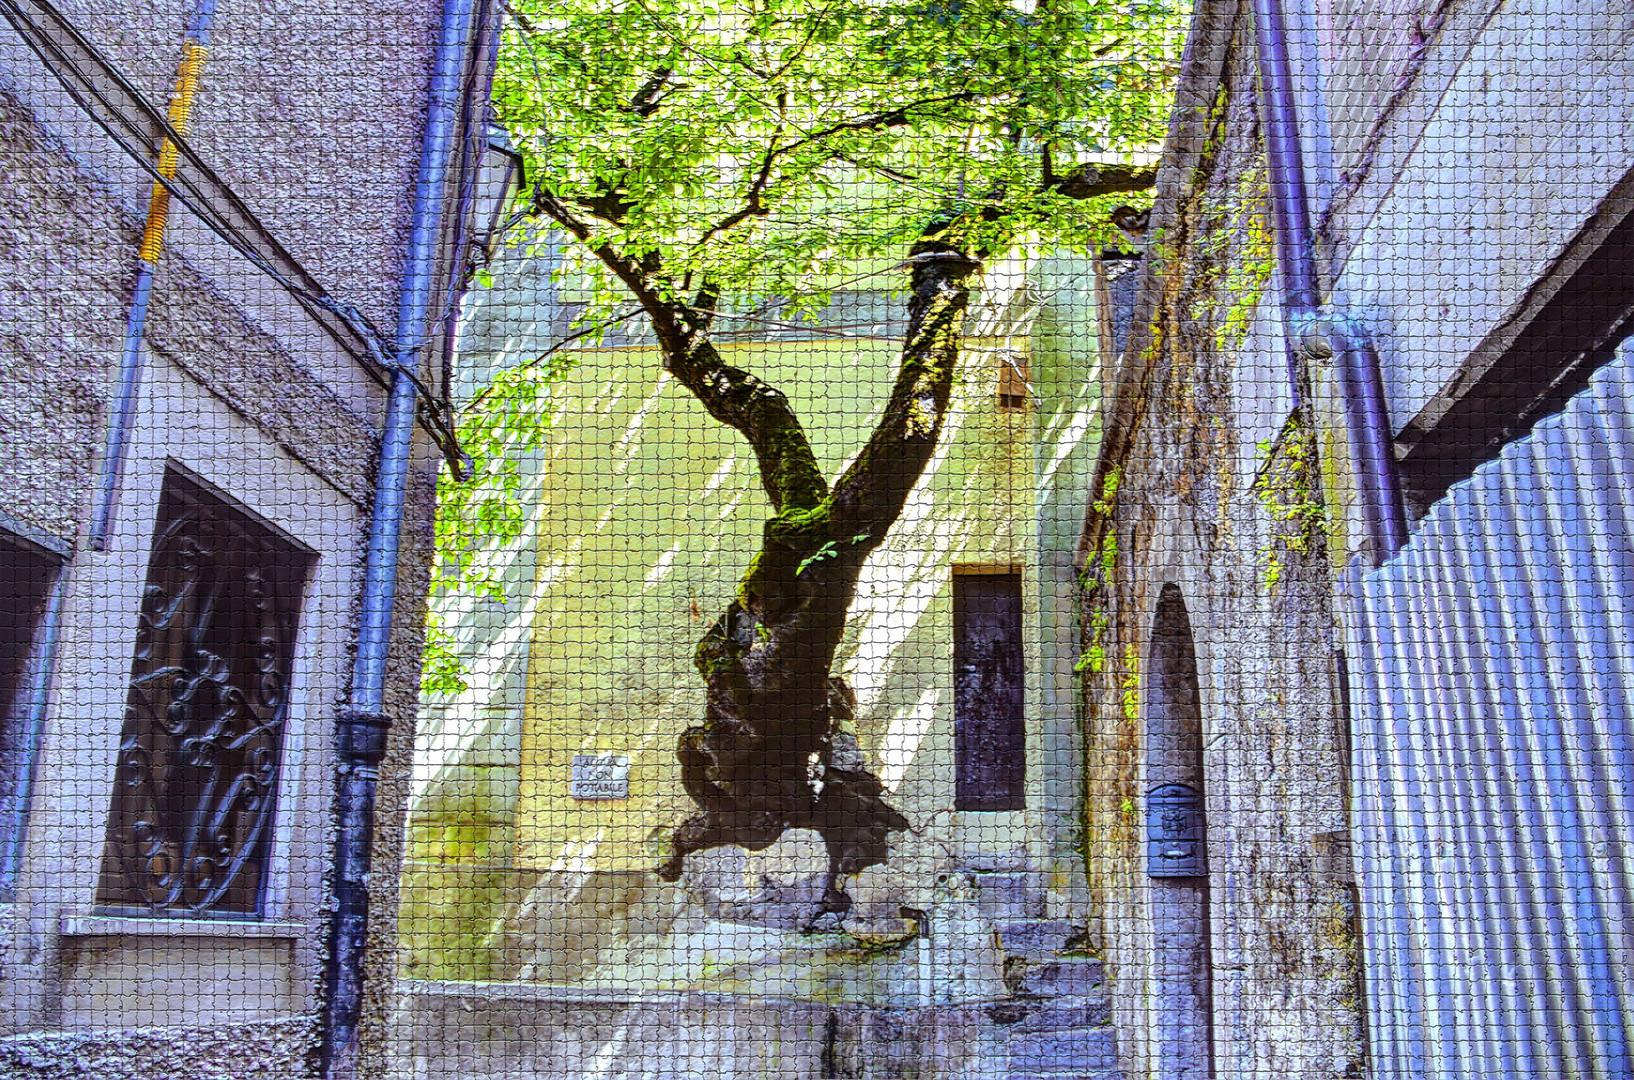 bagnoli irpino(av)-l'albero sulla fontana foto % immagini  piante ... - Fiori Bagnoli Irpino